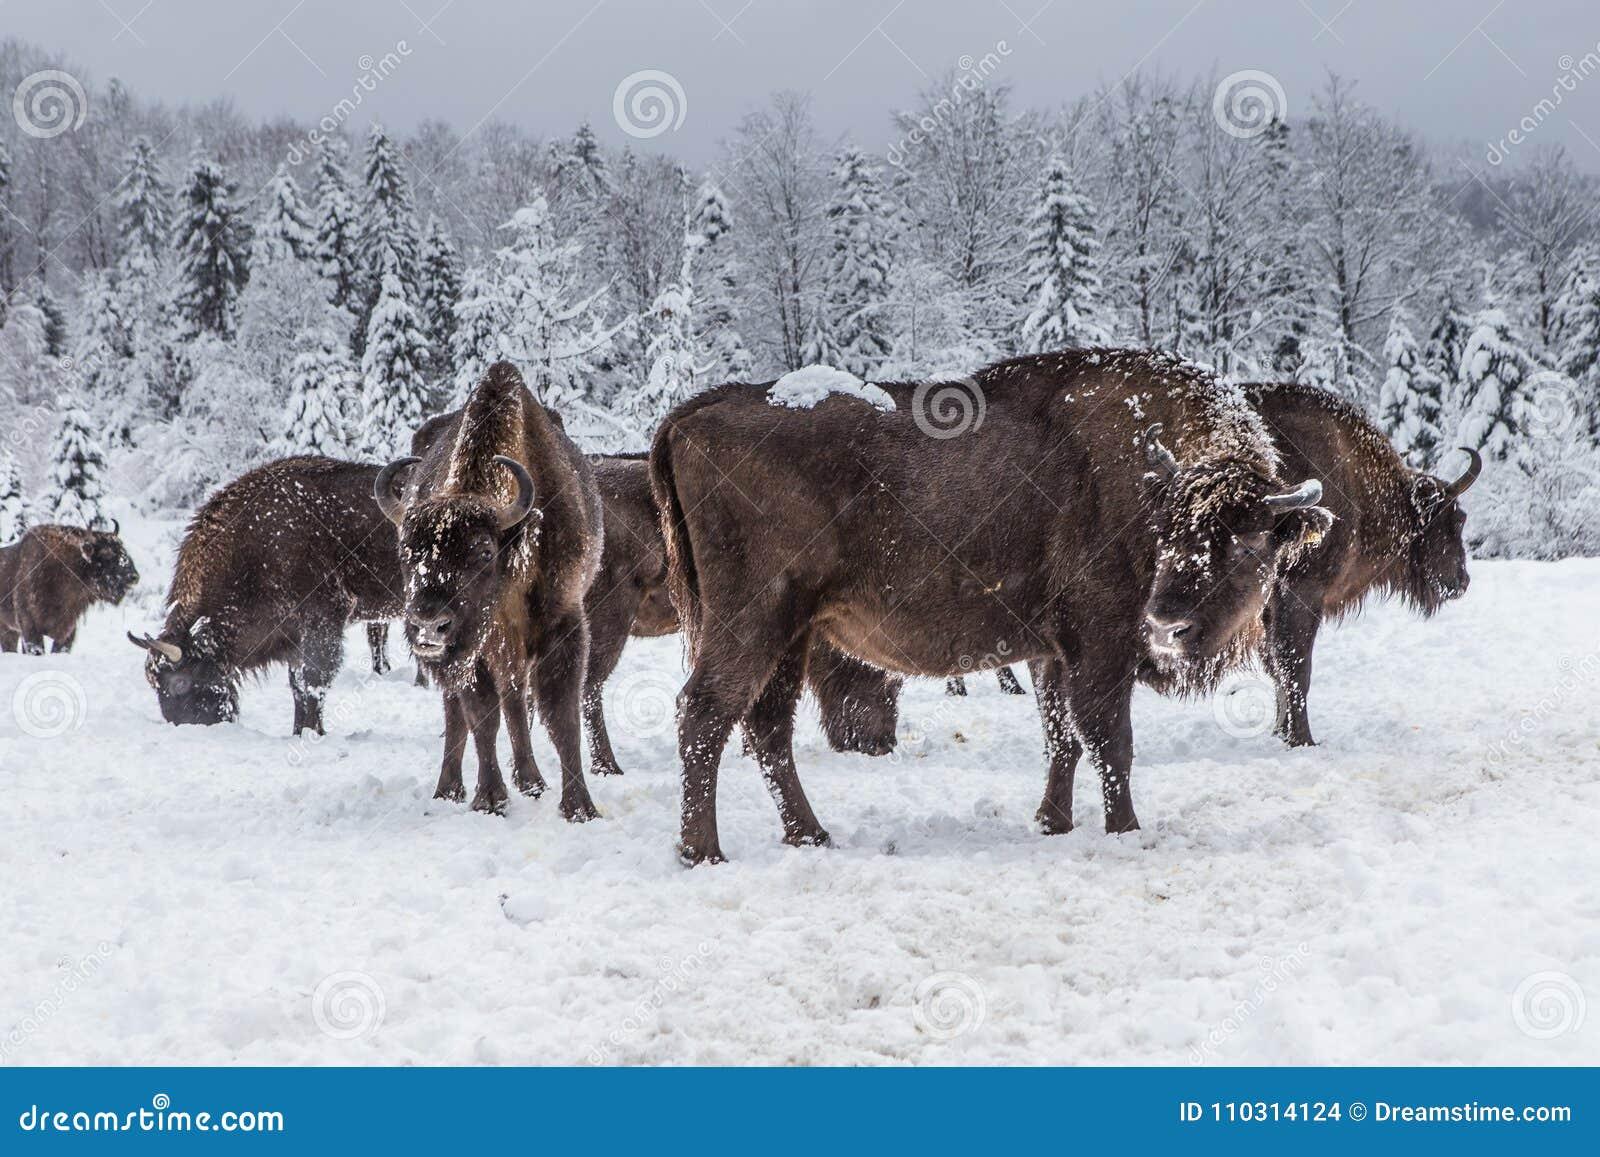 Europäisches Programm für die Wiederherstellung der europäischen Bisonbevölkerung, Karpaty-Reserve, Ukraine